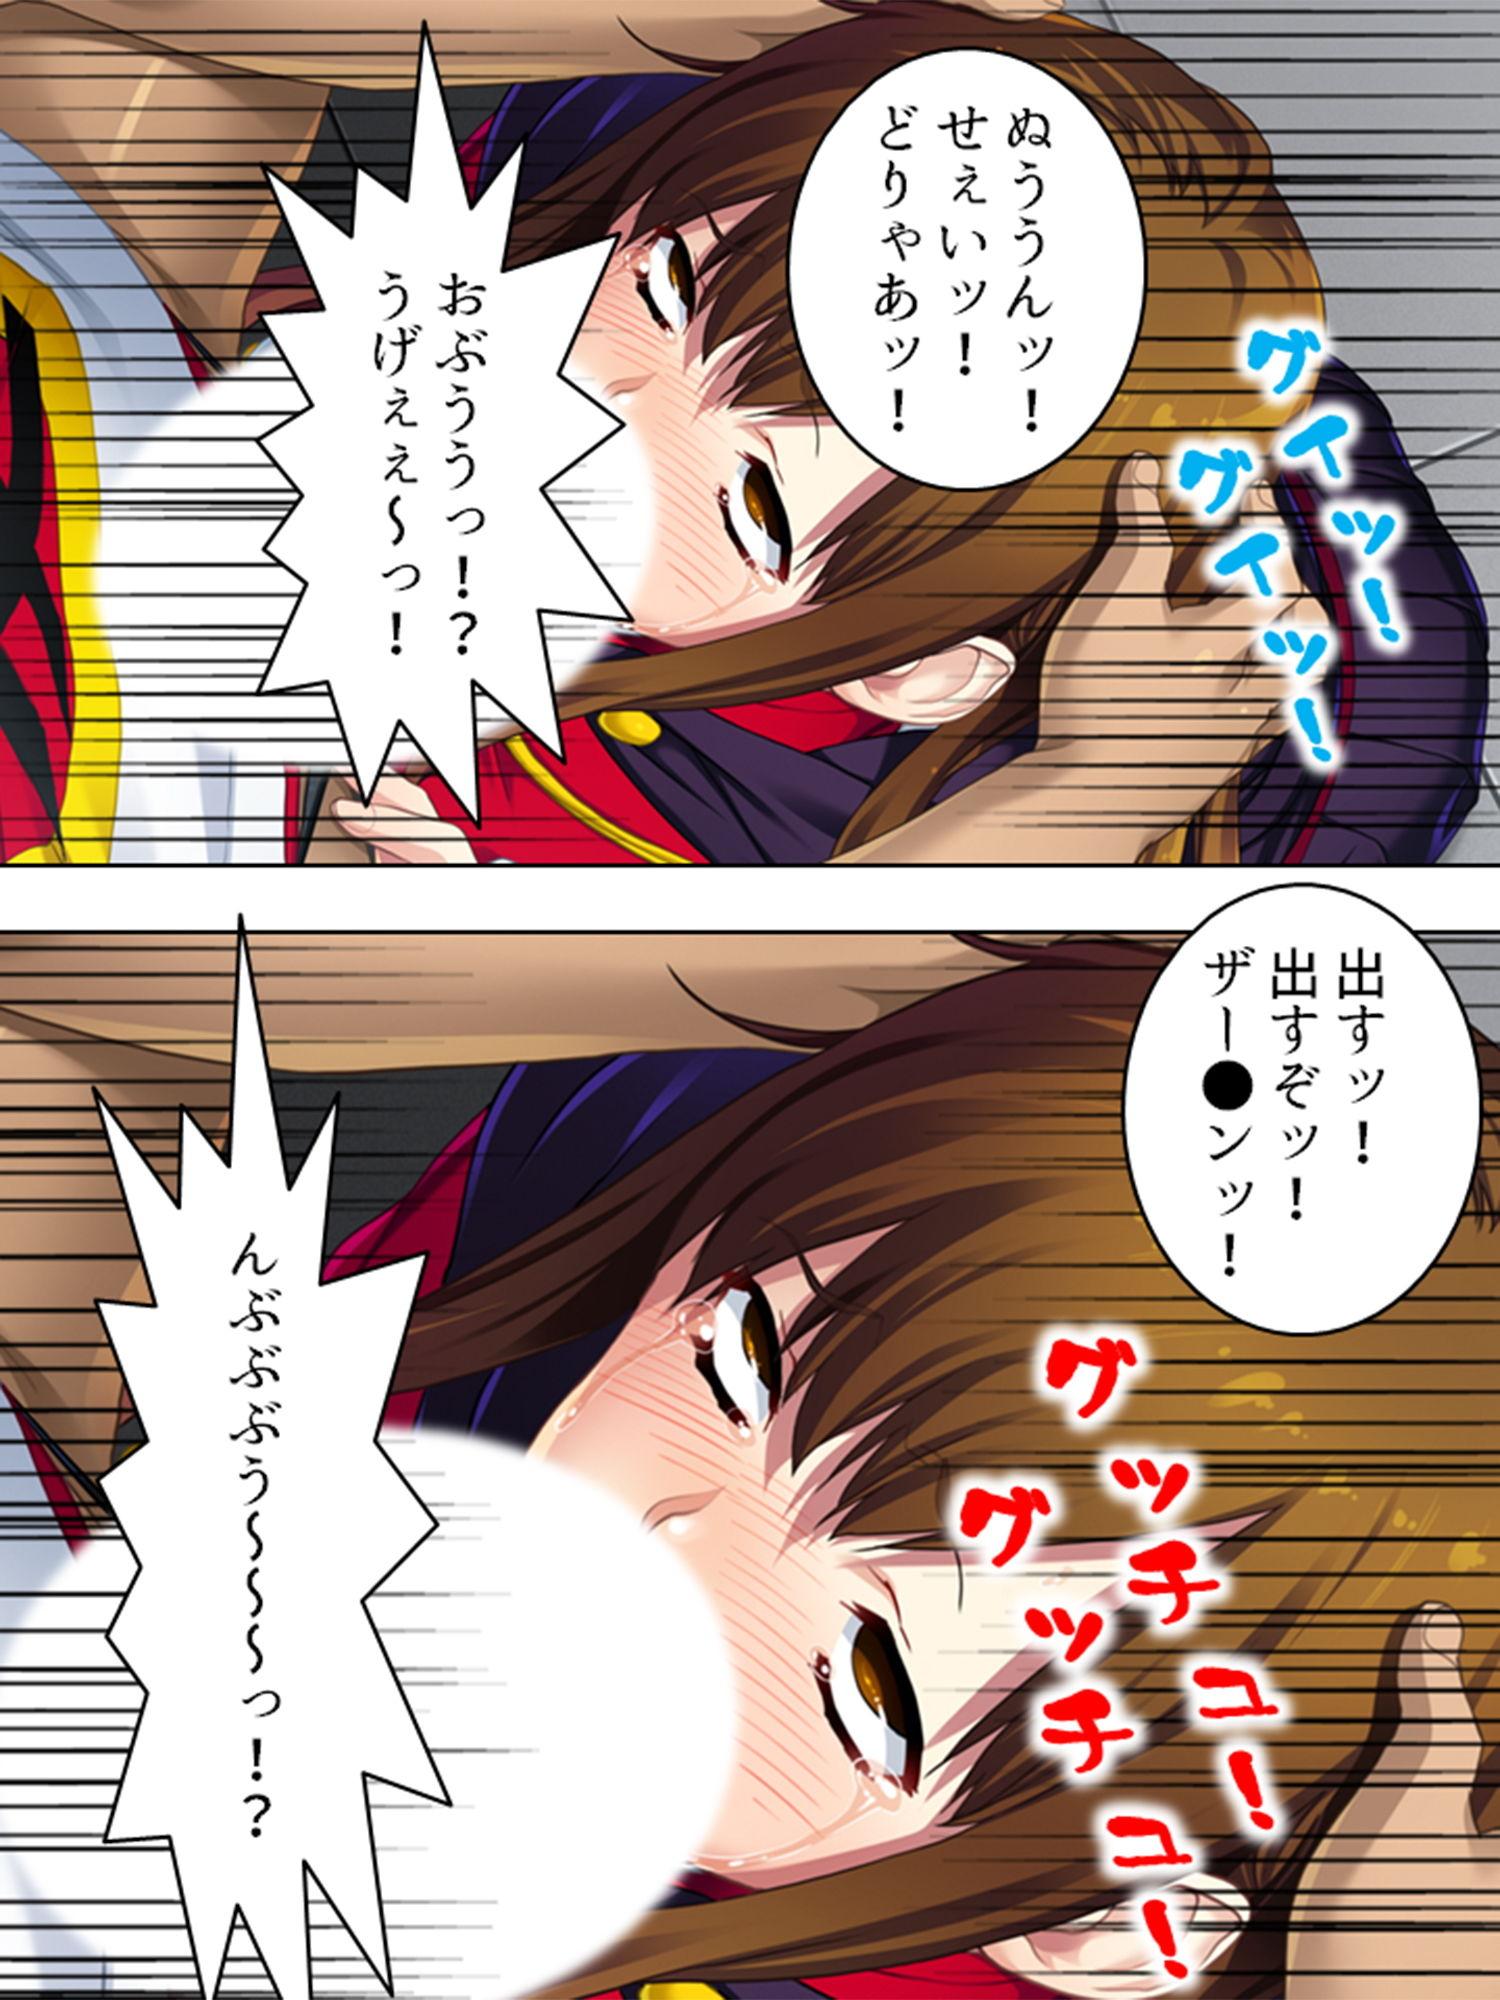 サンプル画像4:覆面かぶって、傲慢な令嬢たちに絶頂オシオキSEX! 下(アロマコミック) [d_190140]